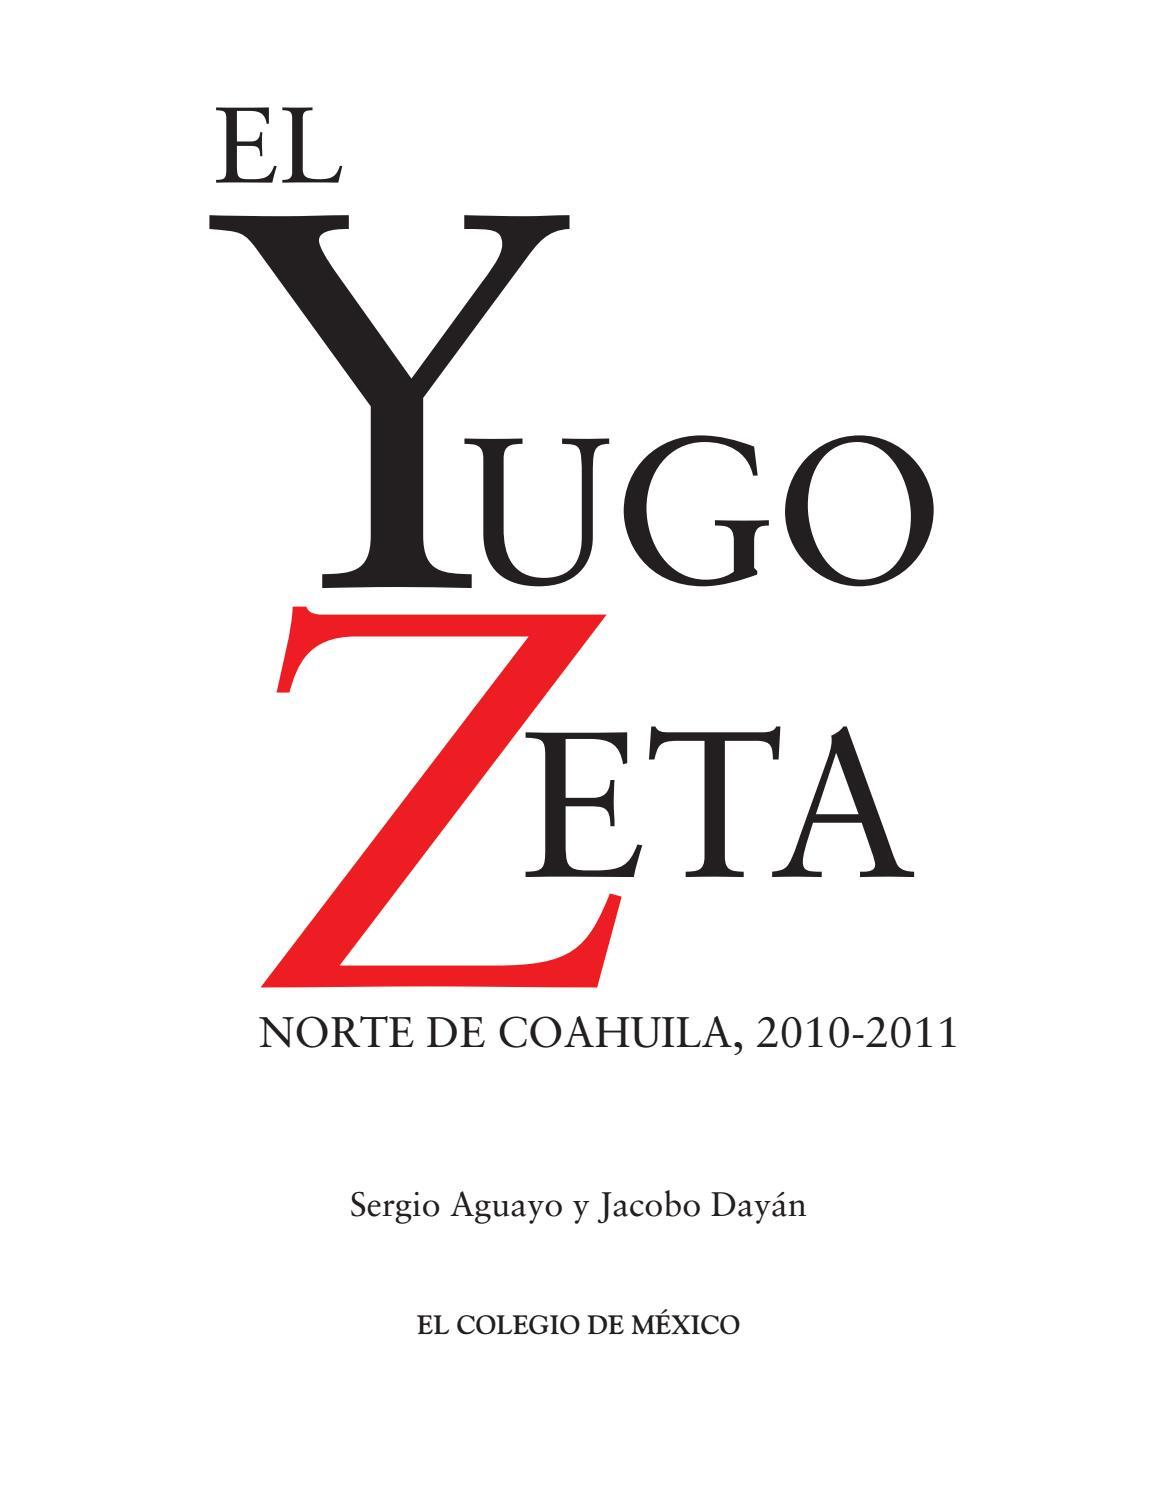 El yugo zeta by pajaropolitico - issuu